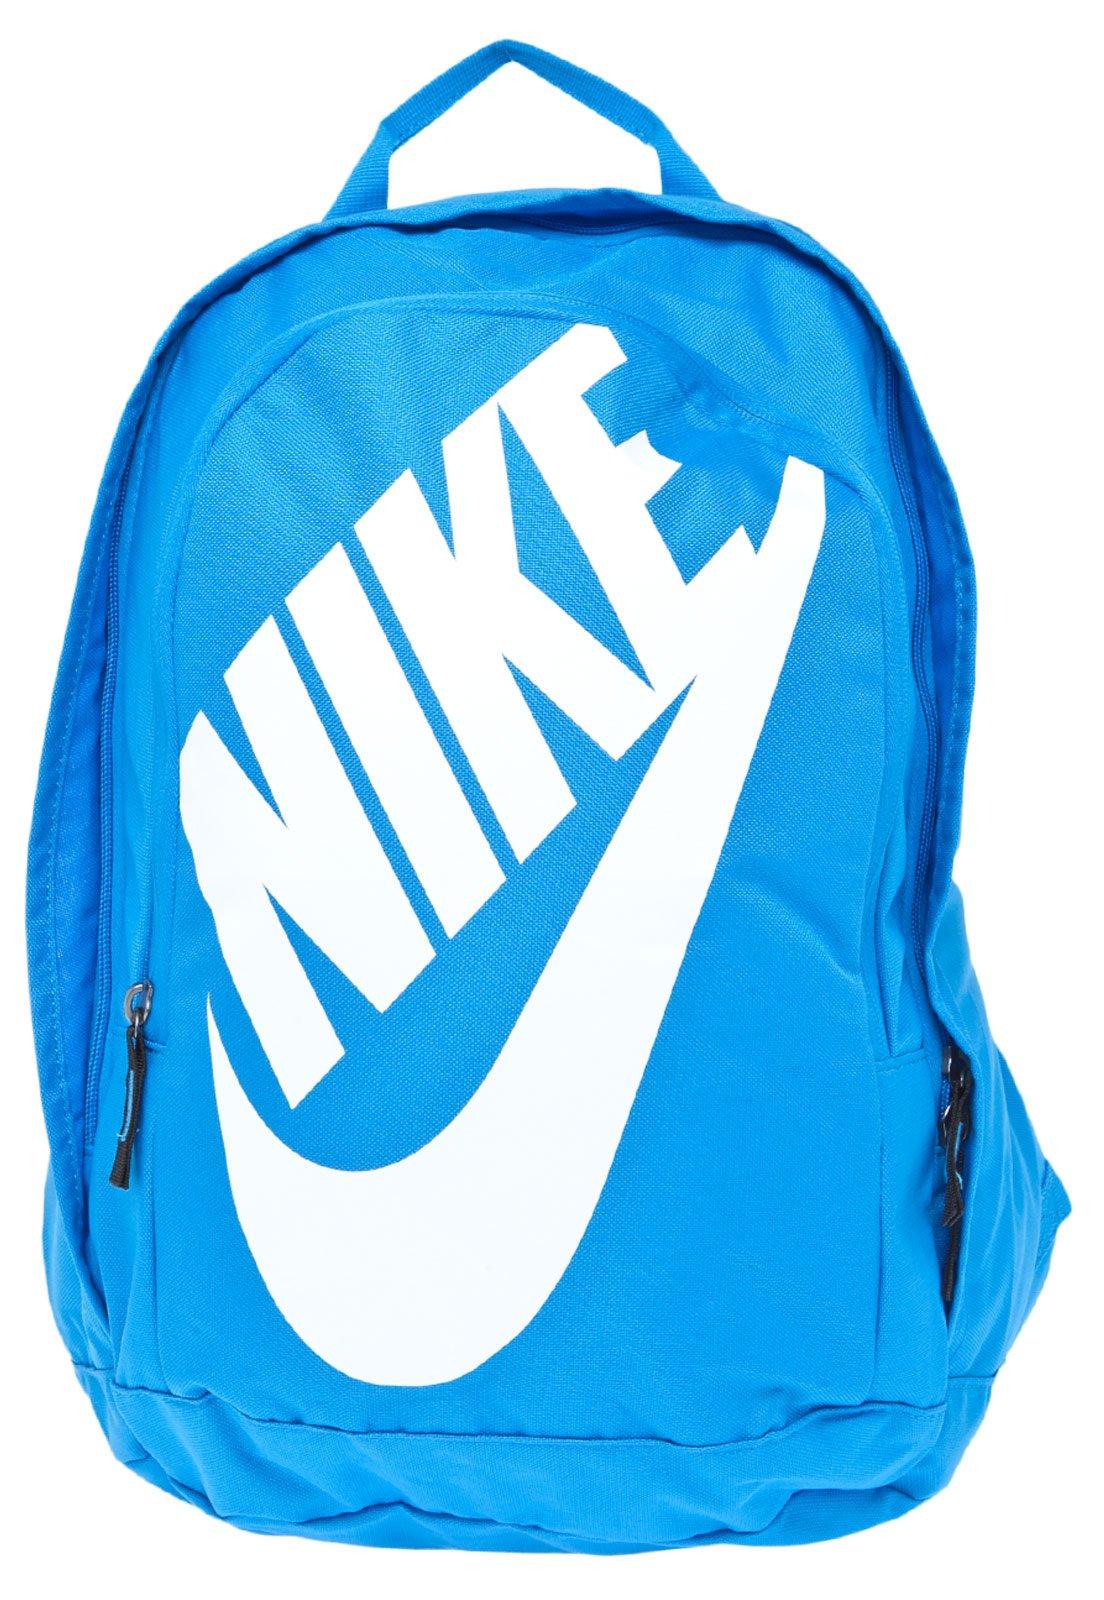 Nike Hayward Futura Mochila 2 0 Online Shop 8e4ab Dd3b3